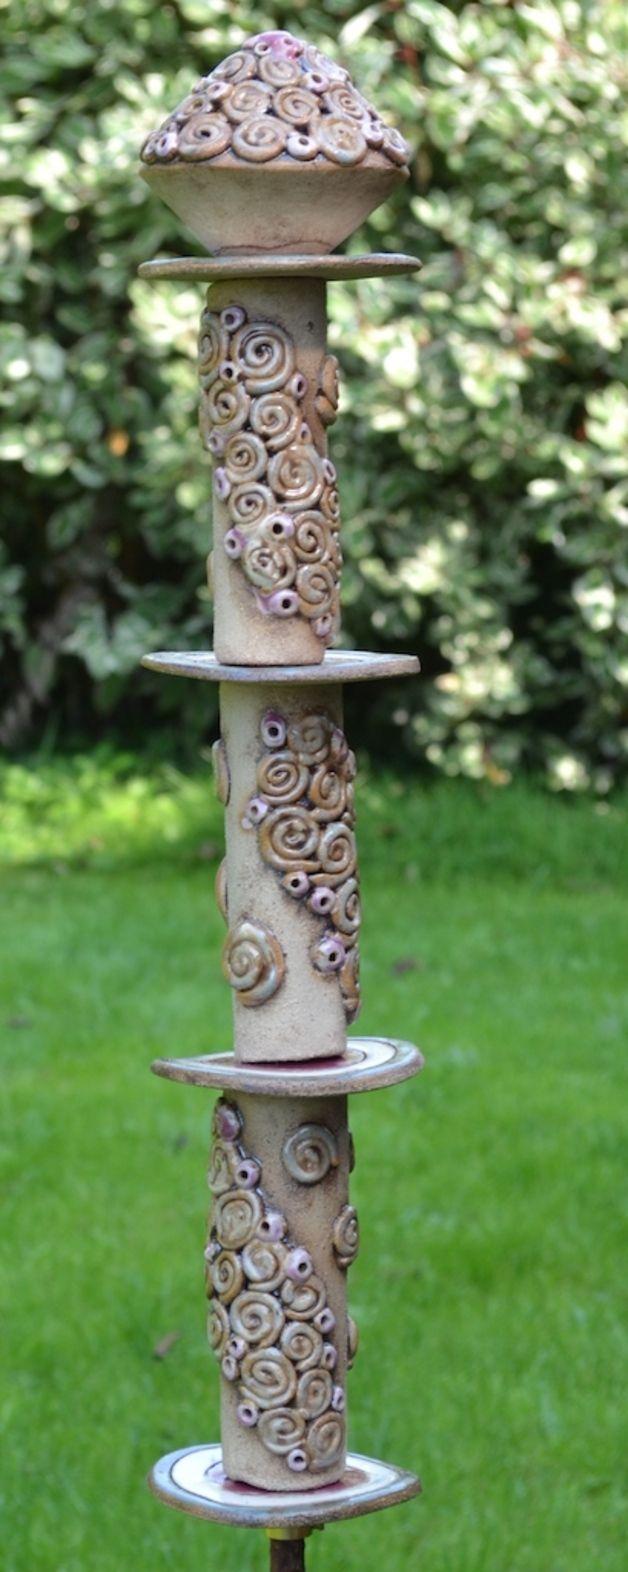 Stele Elfrun von Keramik-Kreativ 101-602 Als ich diese Stele geformt habe hat meine kleine Gartenelfe neben mir gesessen :-), daher hat die Stele auch ihren Namen Elfrun. Ich weiß gar nicht...